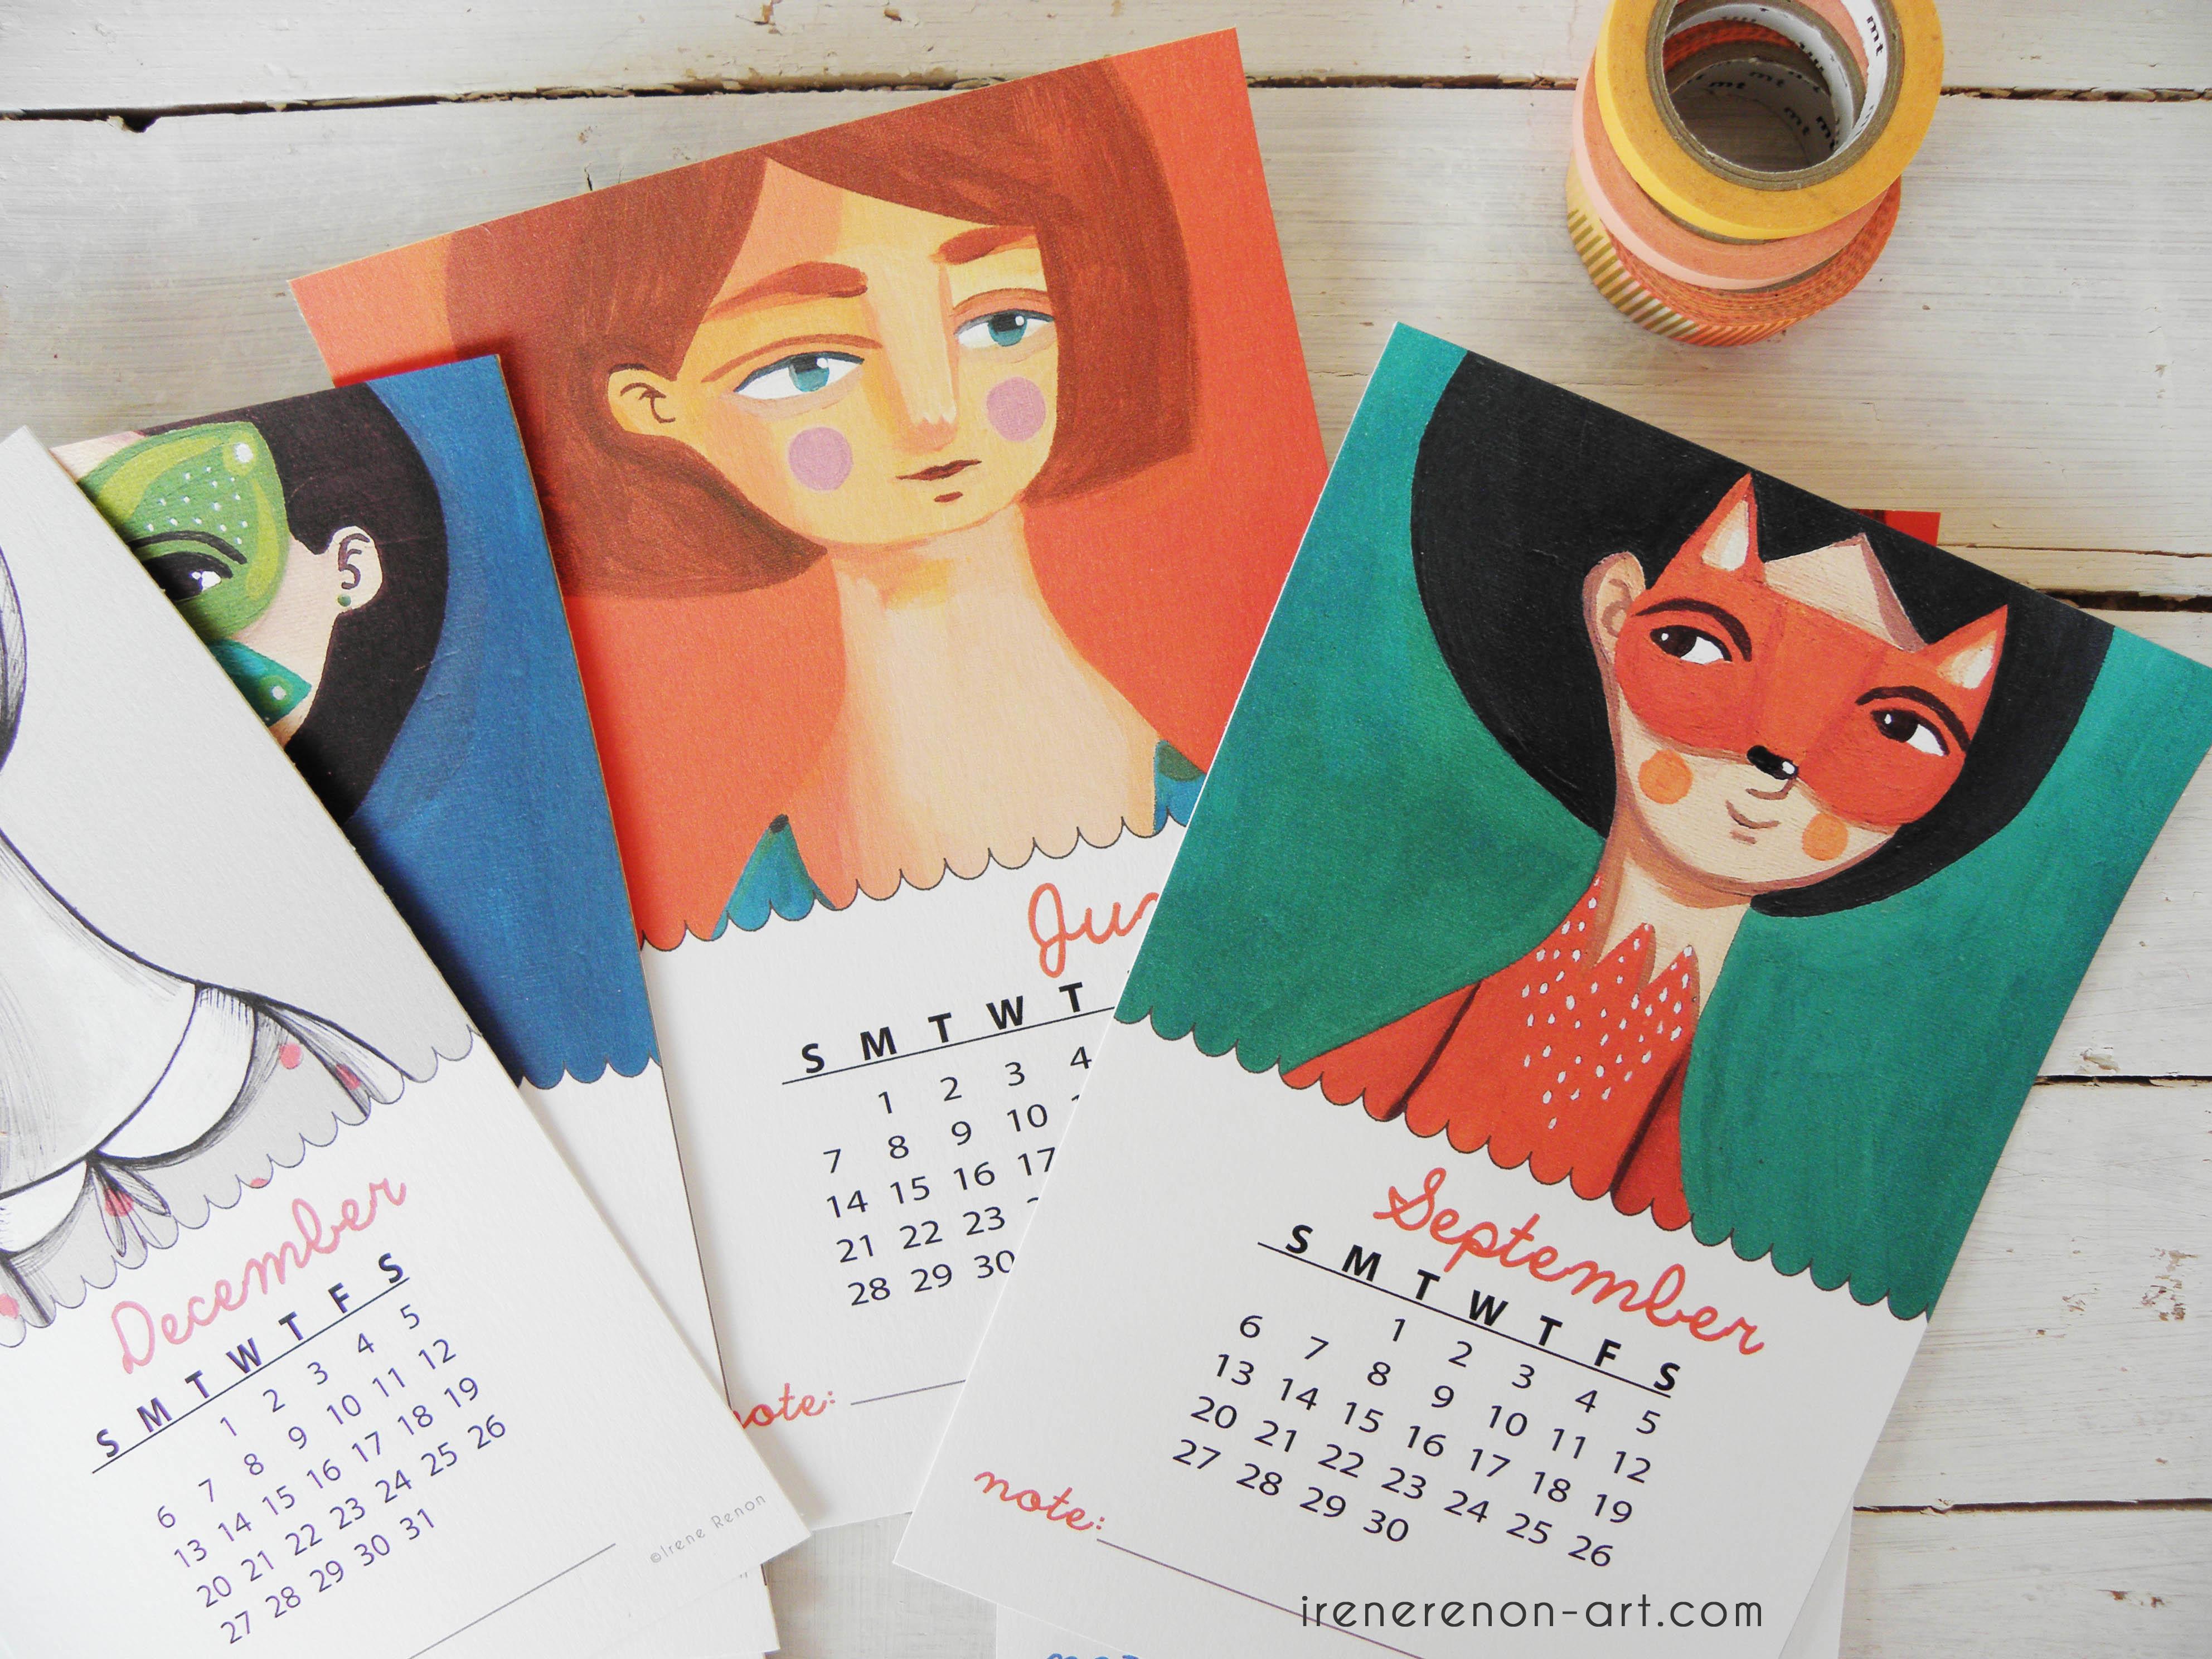 Calendario Illustrato.Calendario Illustrato 2015 Irene Renon